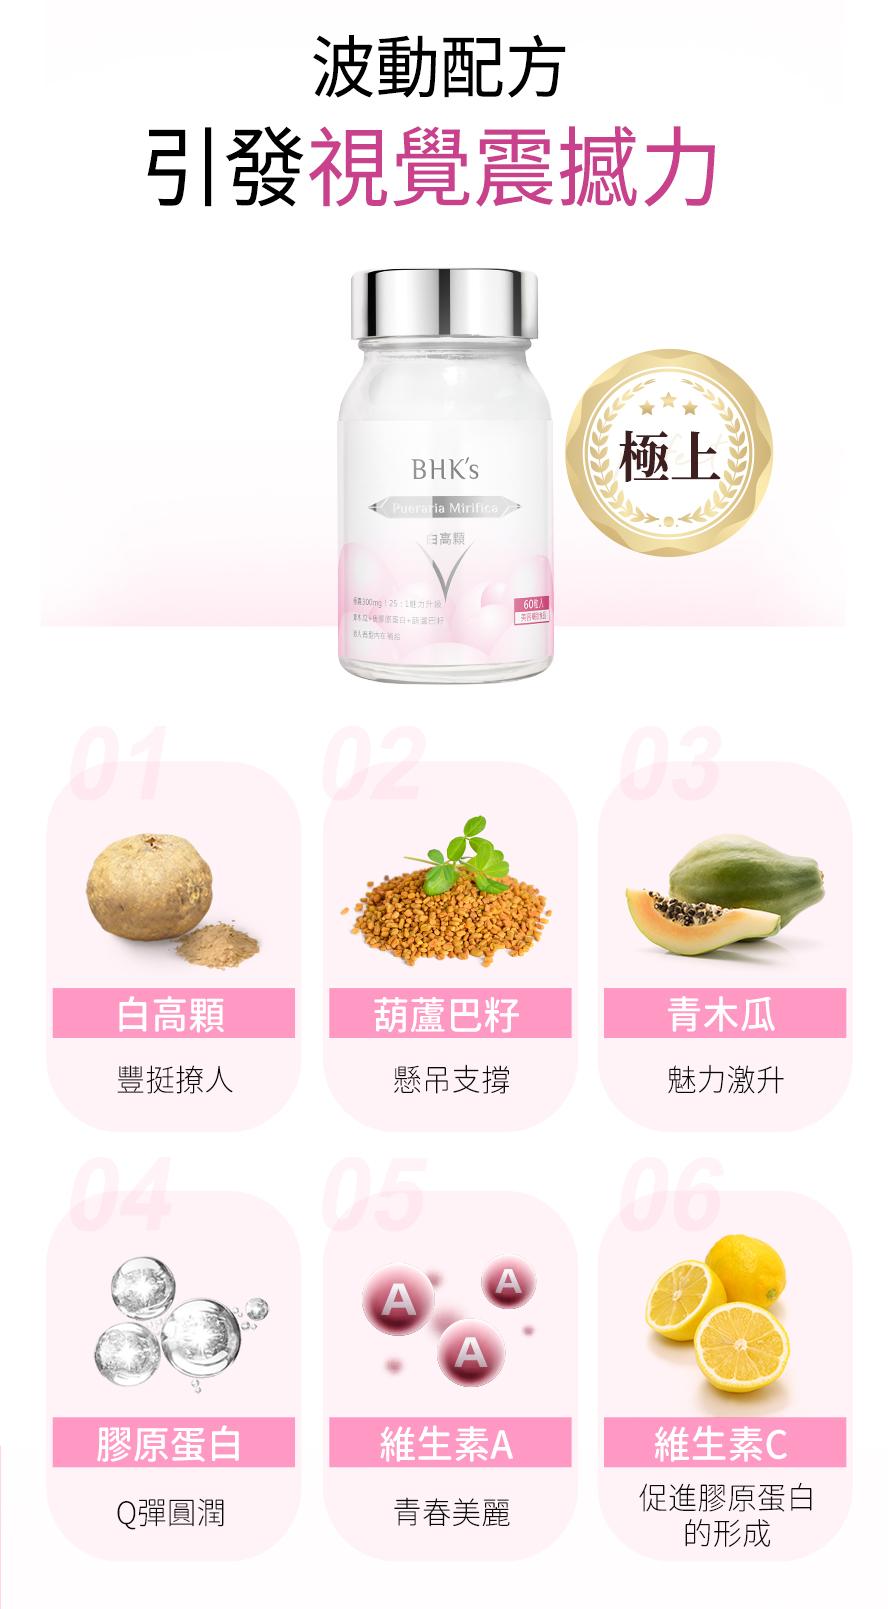 BHKs白高顆含有高濃度異黃酮素,可調節女性生理機能、促進胸部發育的功用,添加青木瓜、葫蘆巴籽、膠原蛋白,提升胸部緊實度,改善外擴下垂。